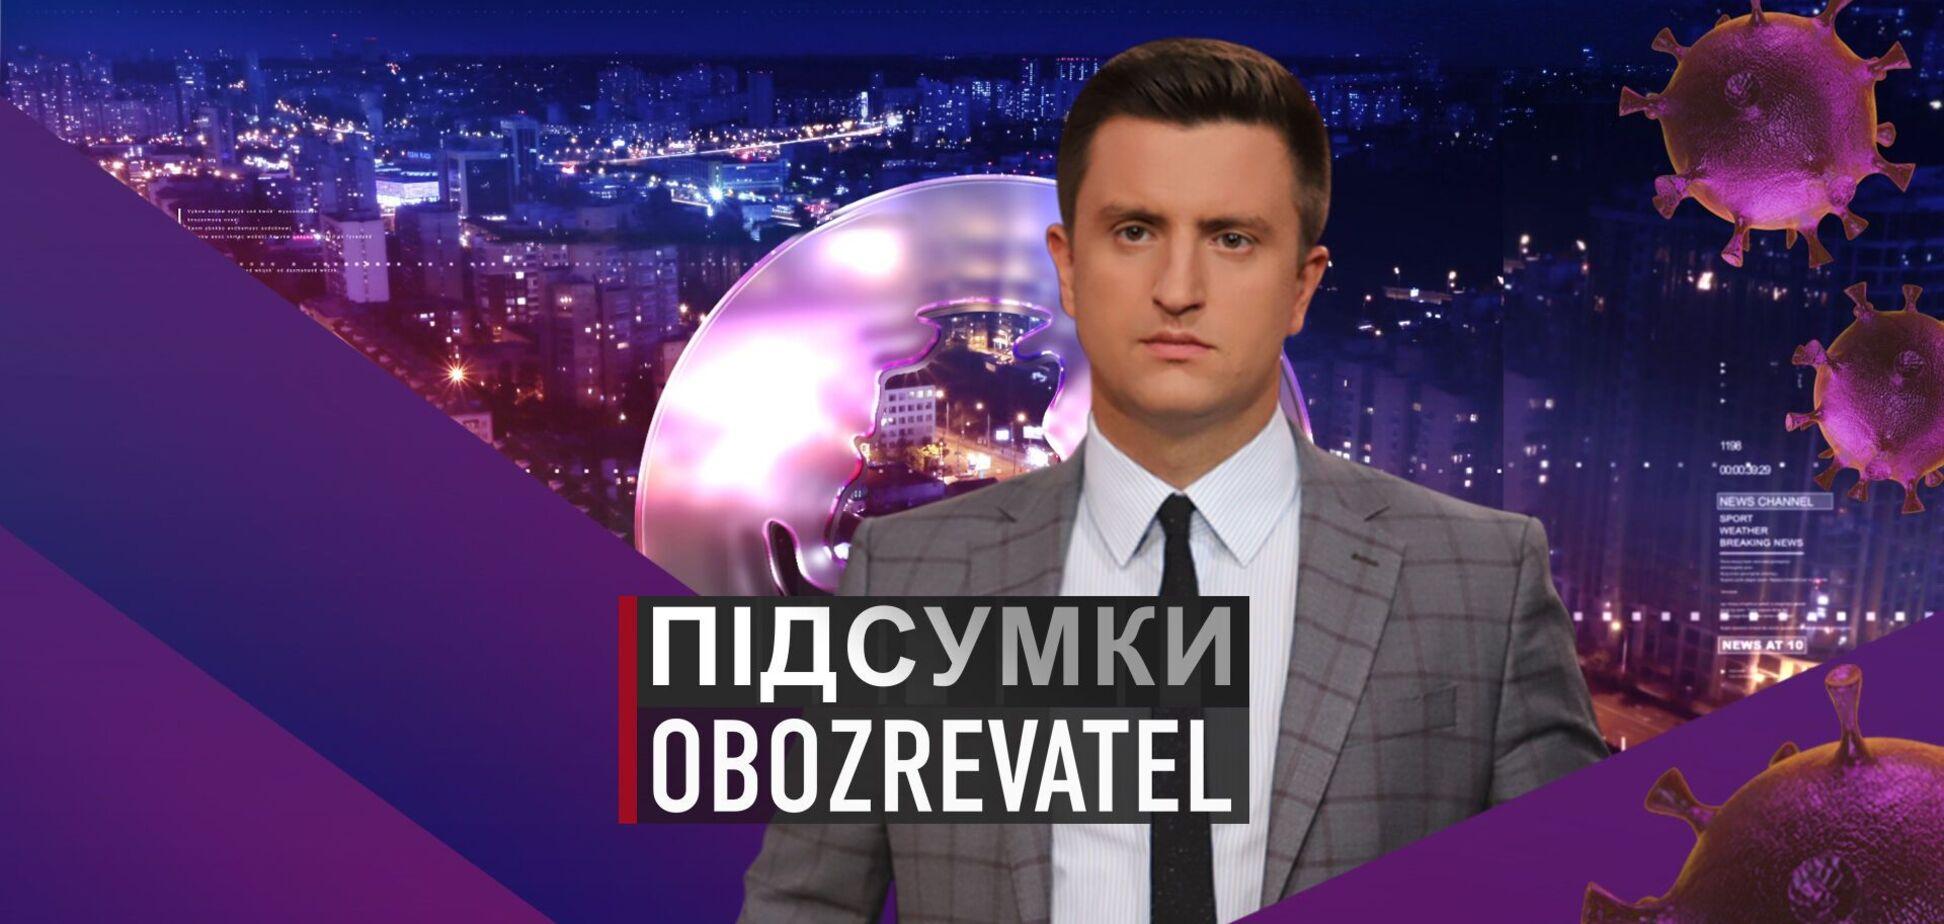 Підсумки з Вадимом Колодійчуком. Понеділок, 19 квітня